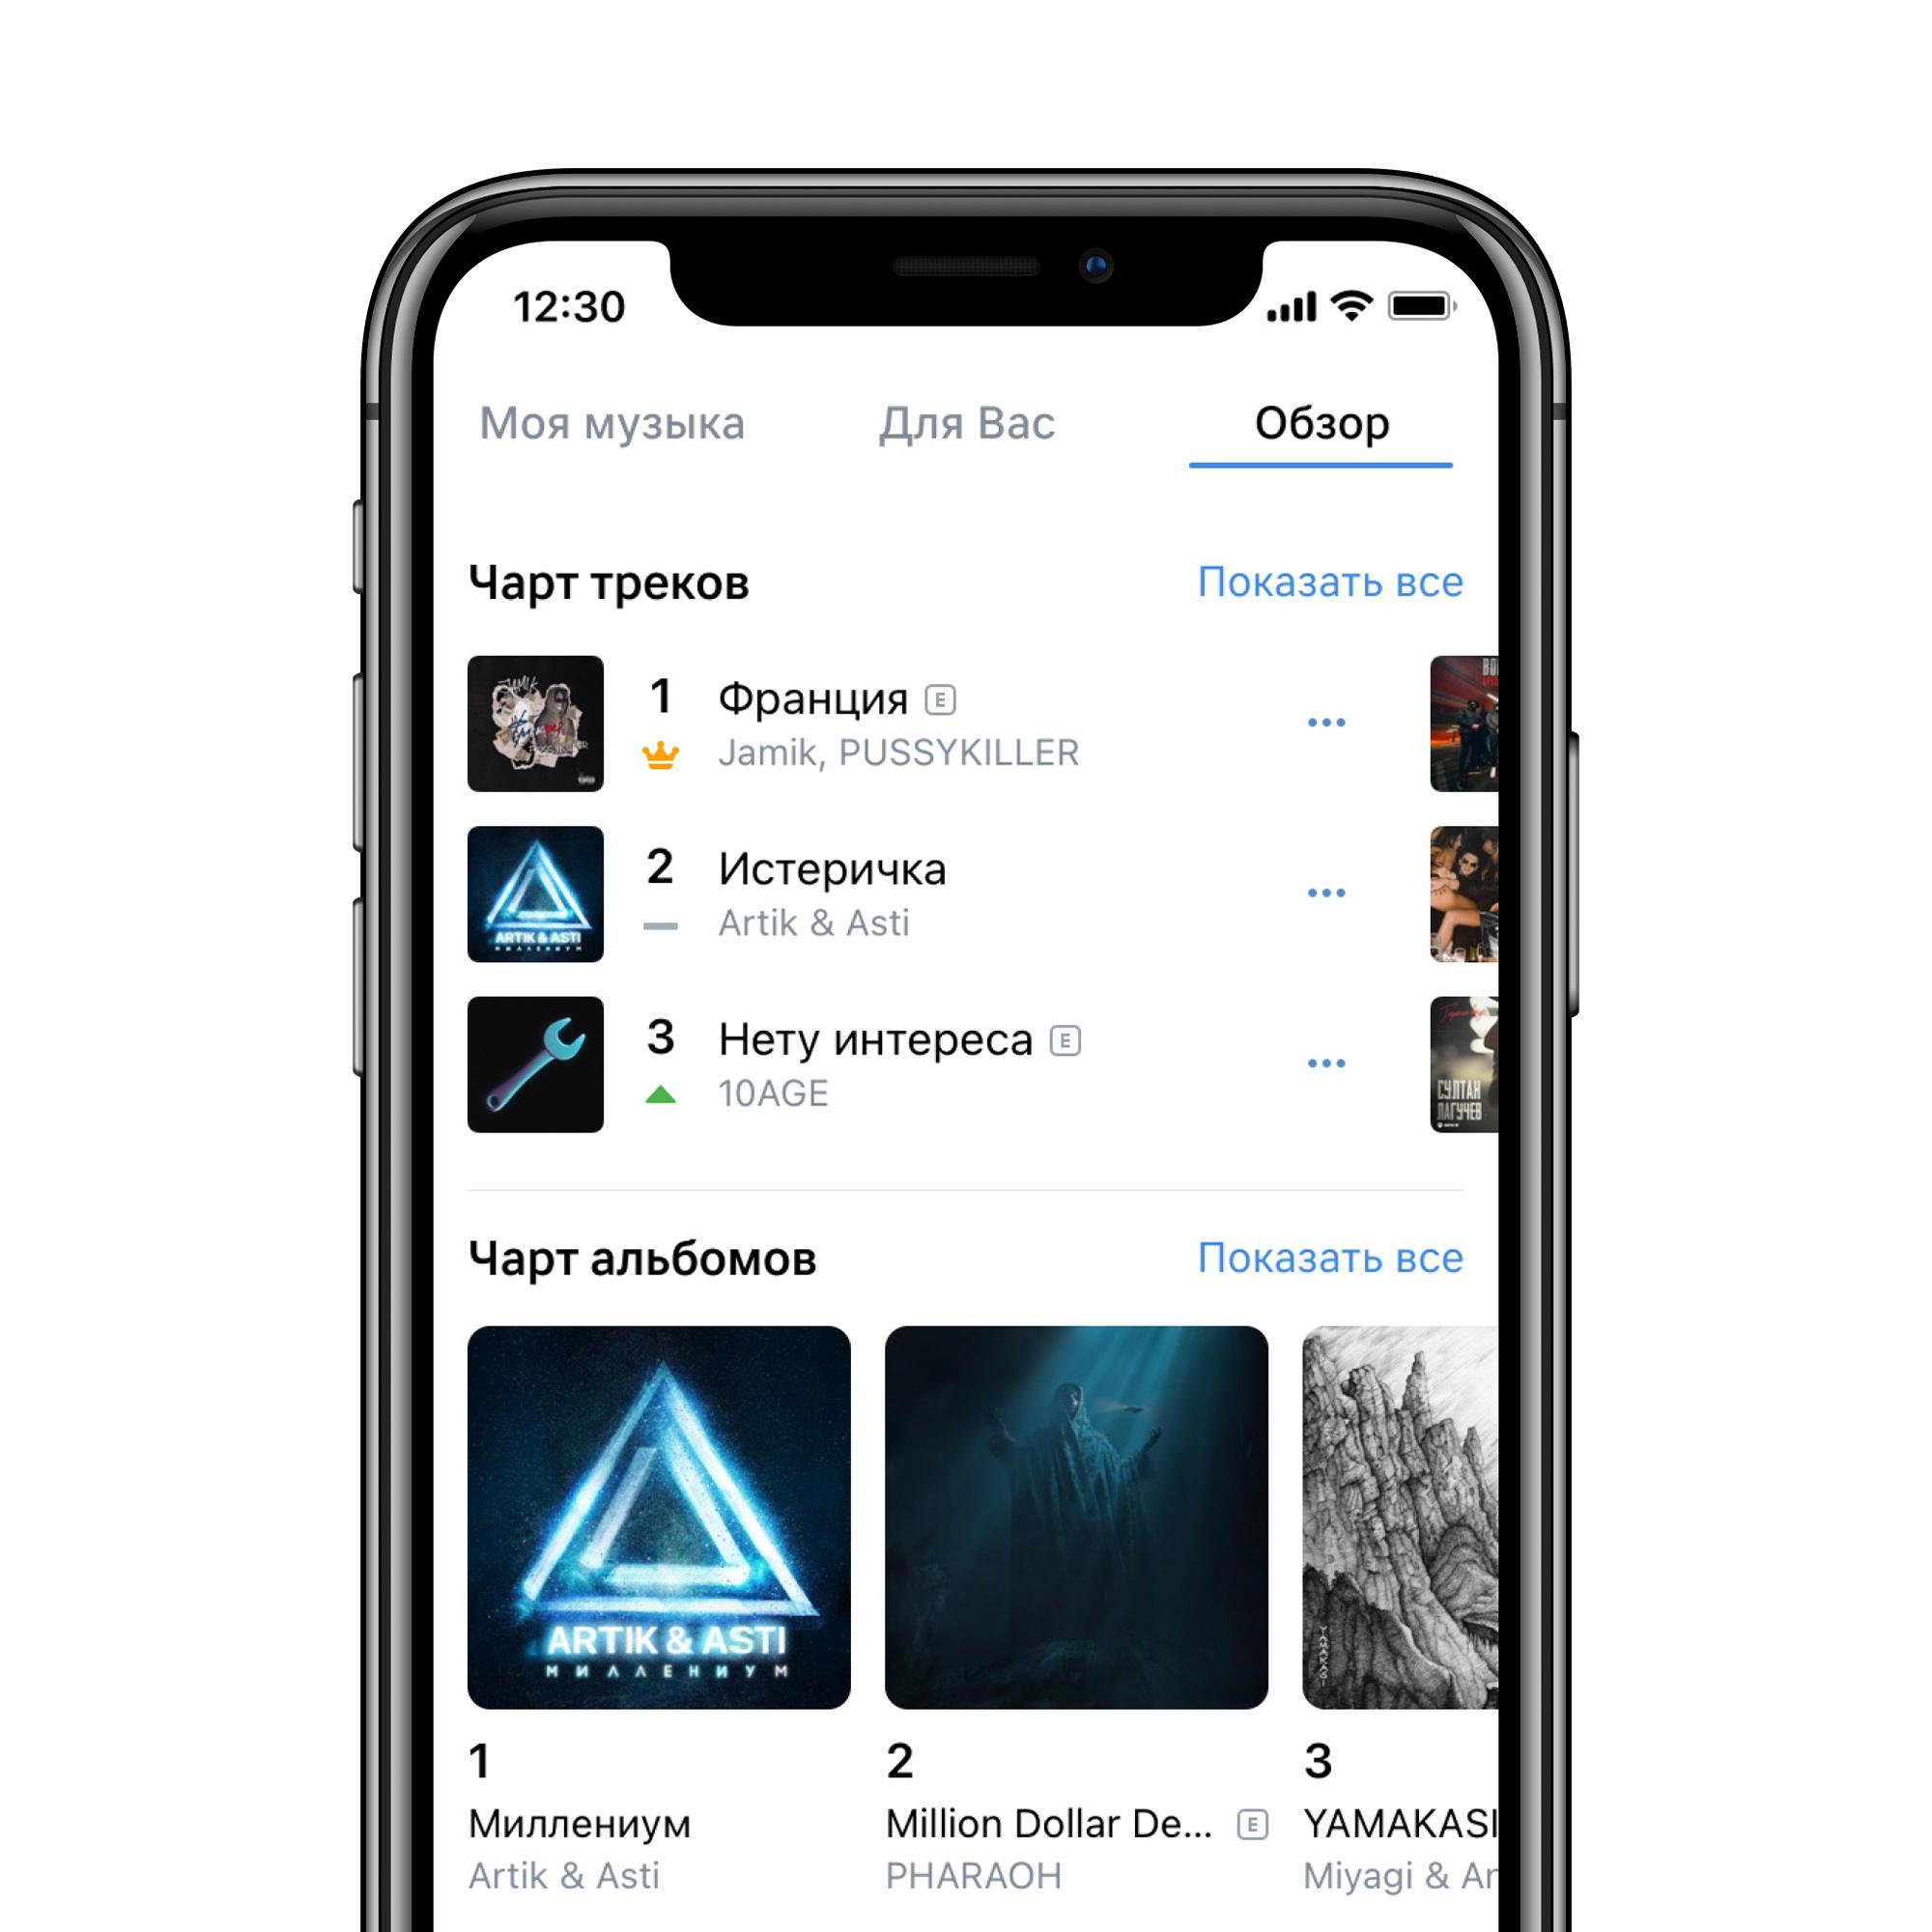 «Музыка ВКонтакте» запускает чарт альбомов